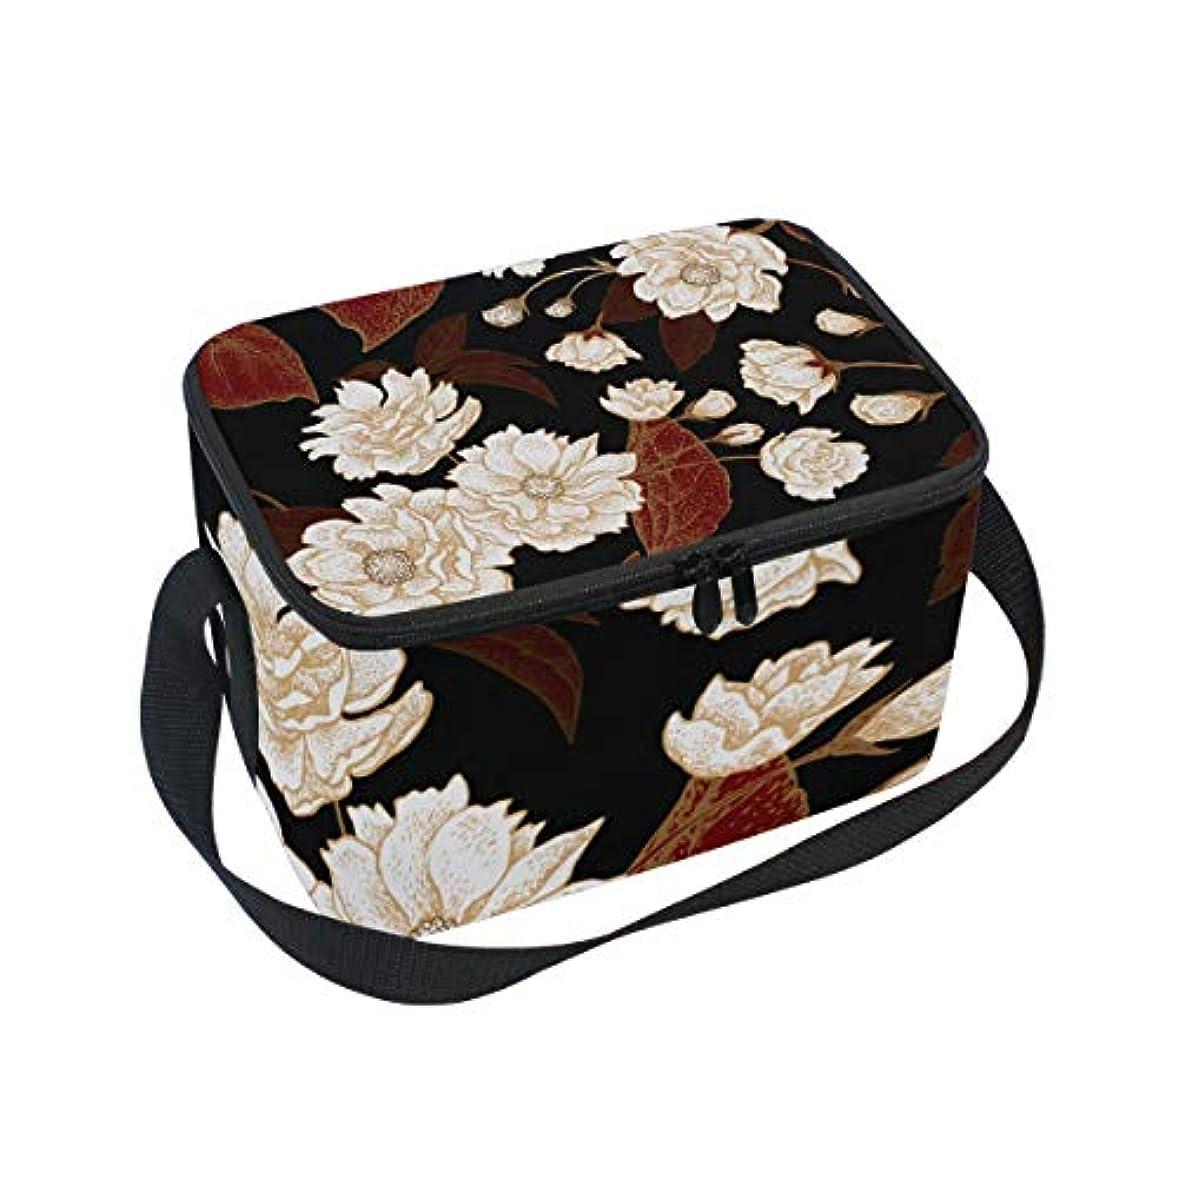 金曜日クライアント火山学クーラーバッグ クーラーボックス ソフトクーラ 冷蔵ボックス キャンプ用品 花柄 黒と白 保冷保温 大容量 肩掛け お花見 アウトドア